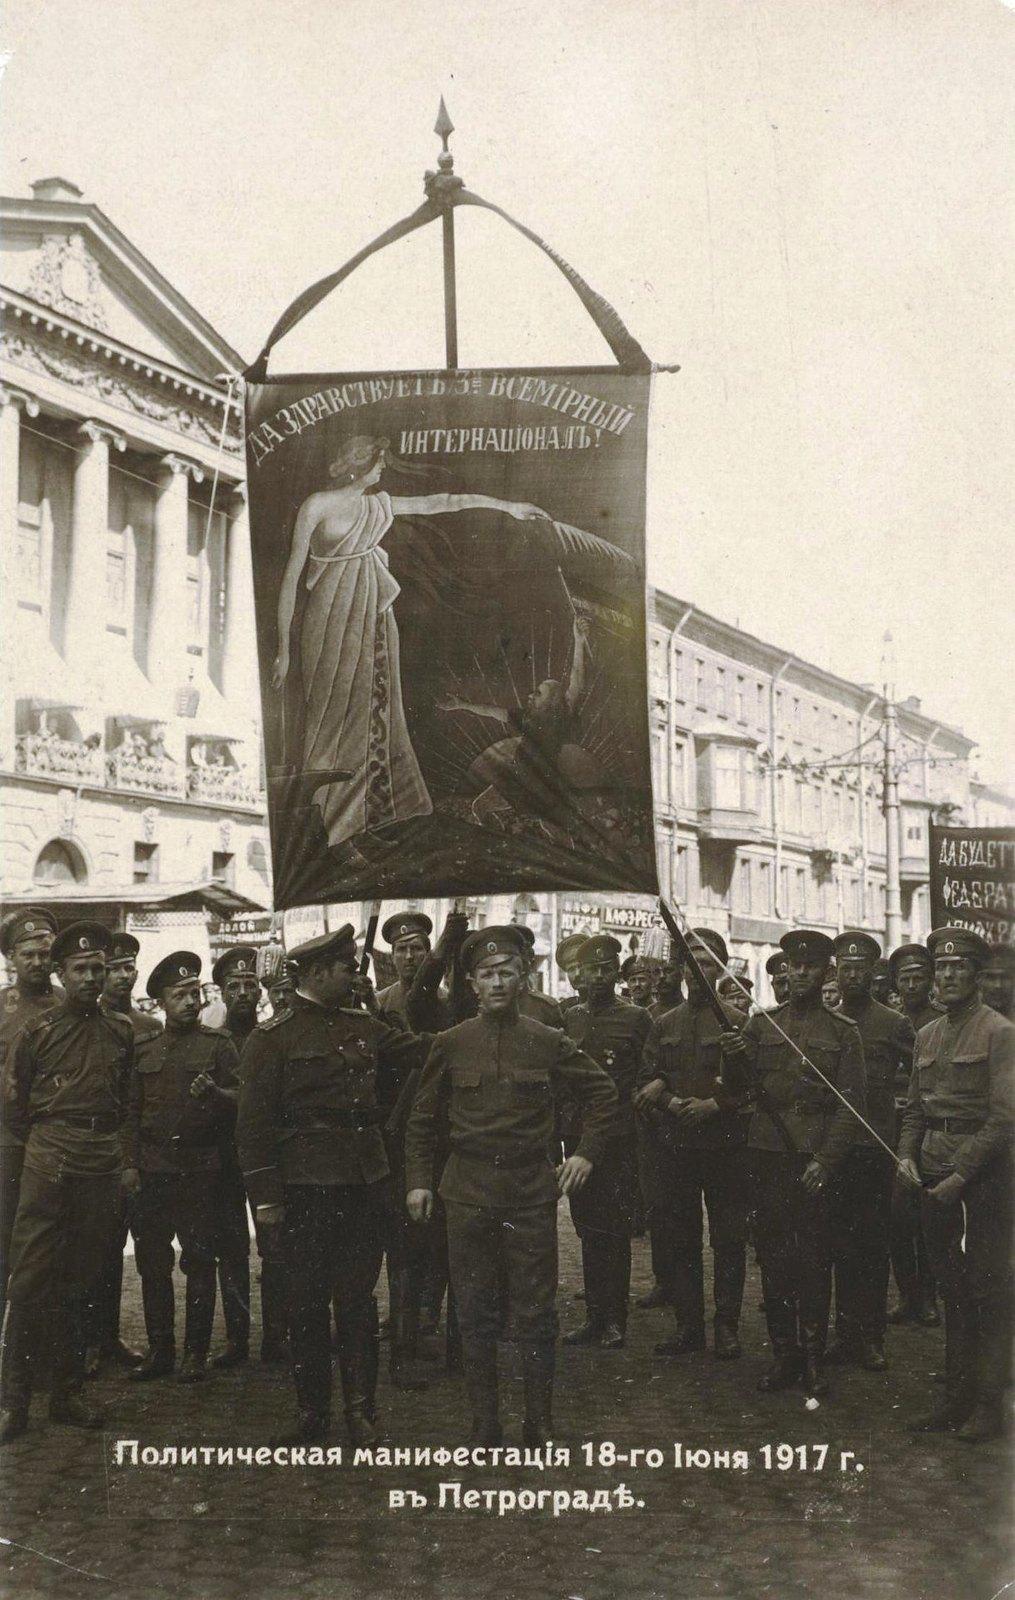 18 июня. Демонстрация рабочих и солдат против Временного правительства в Петрограде